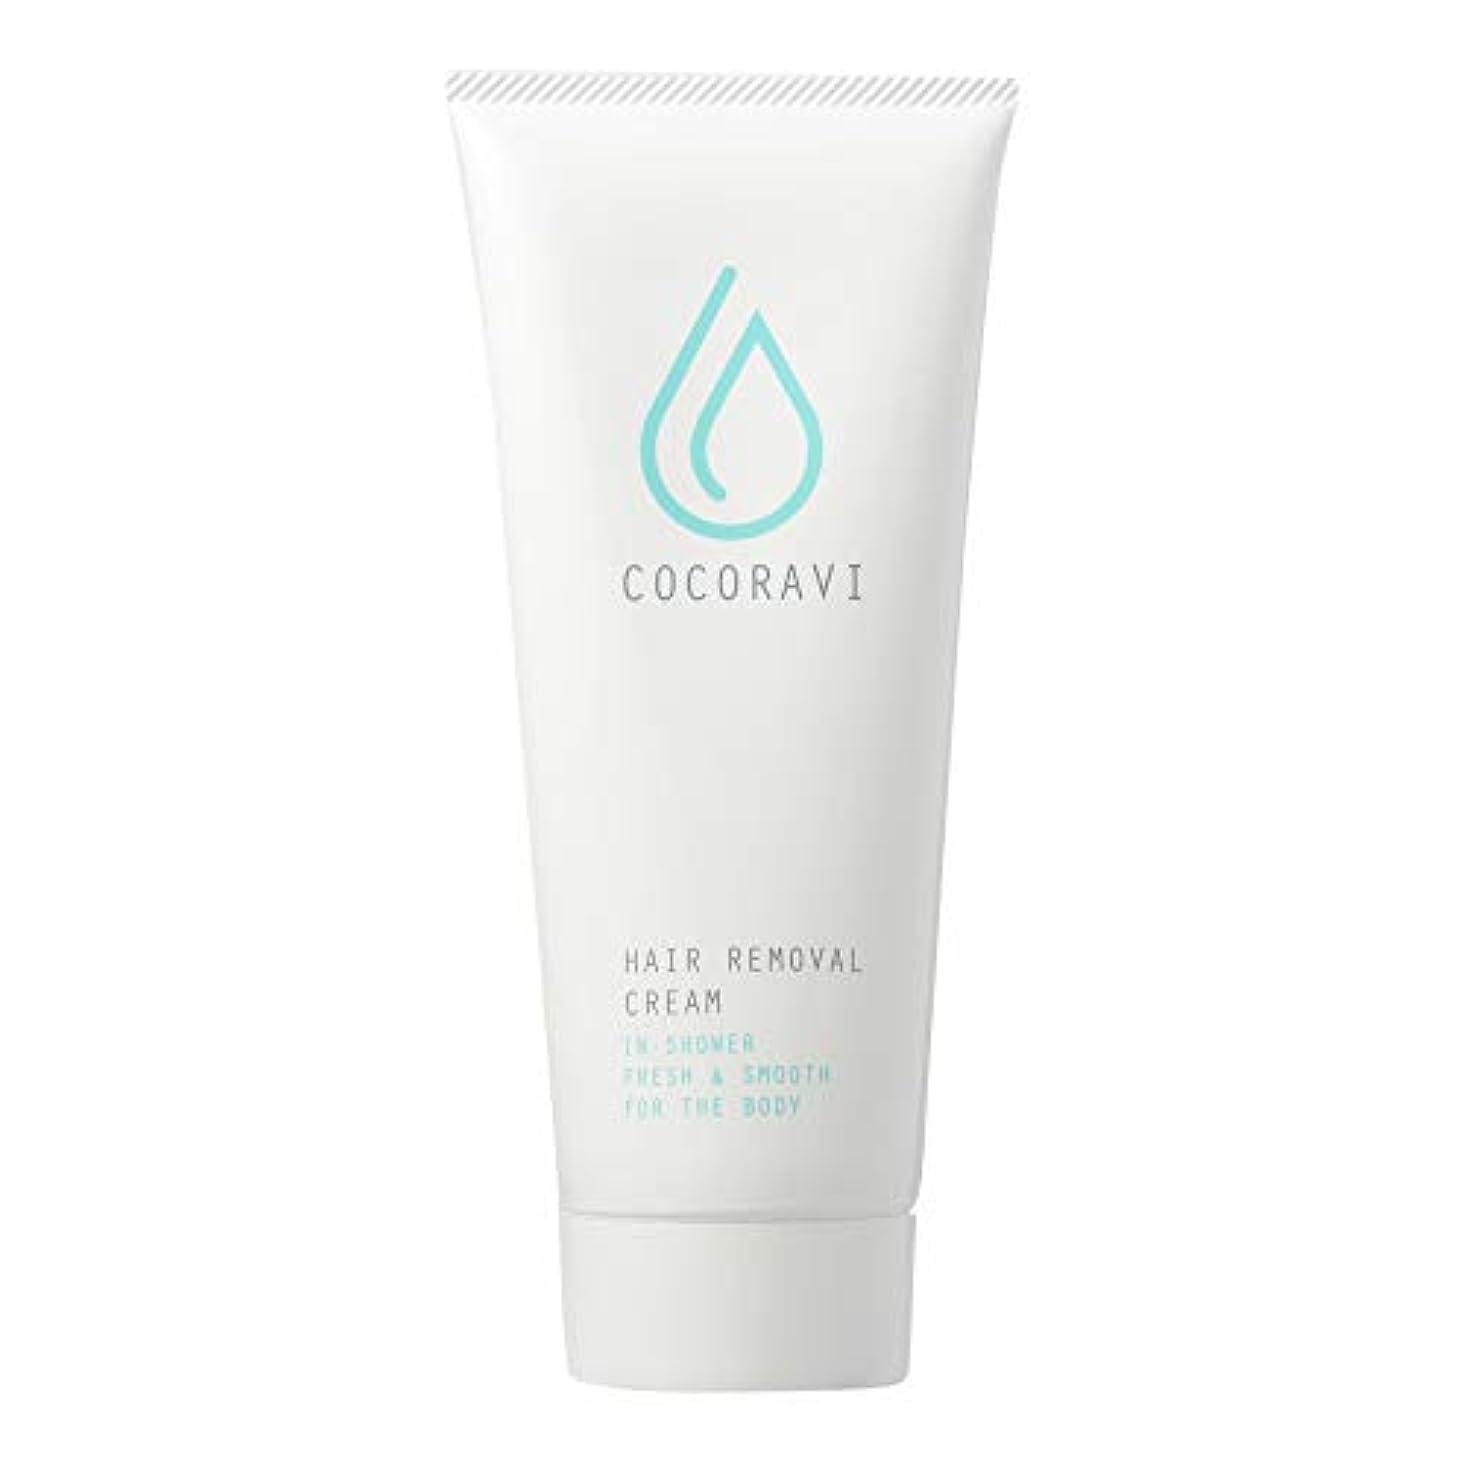 不幸抽象大通りCOCORAVI Hair Removal Cream (ココラビヘアリムーバークリーム) 除毛クリーム ボディ用 医薬部外品 スキンケア 美容 [内容量200g/説明書付き]